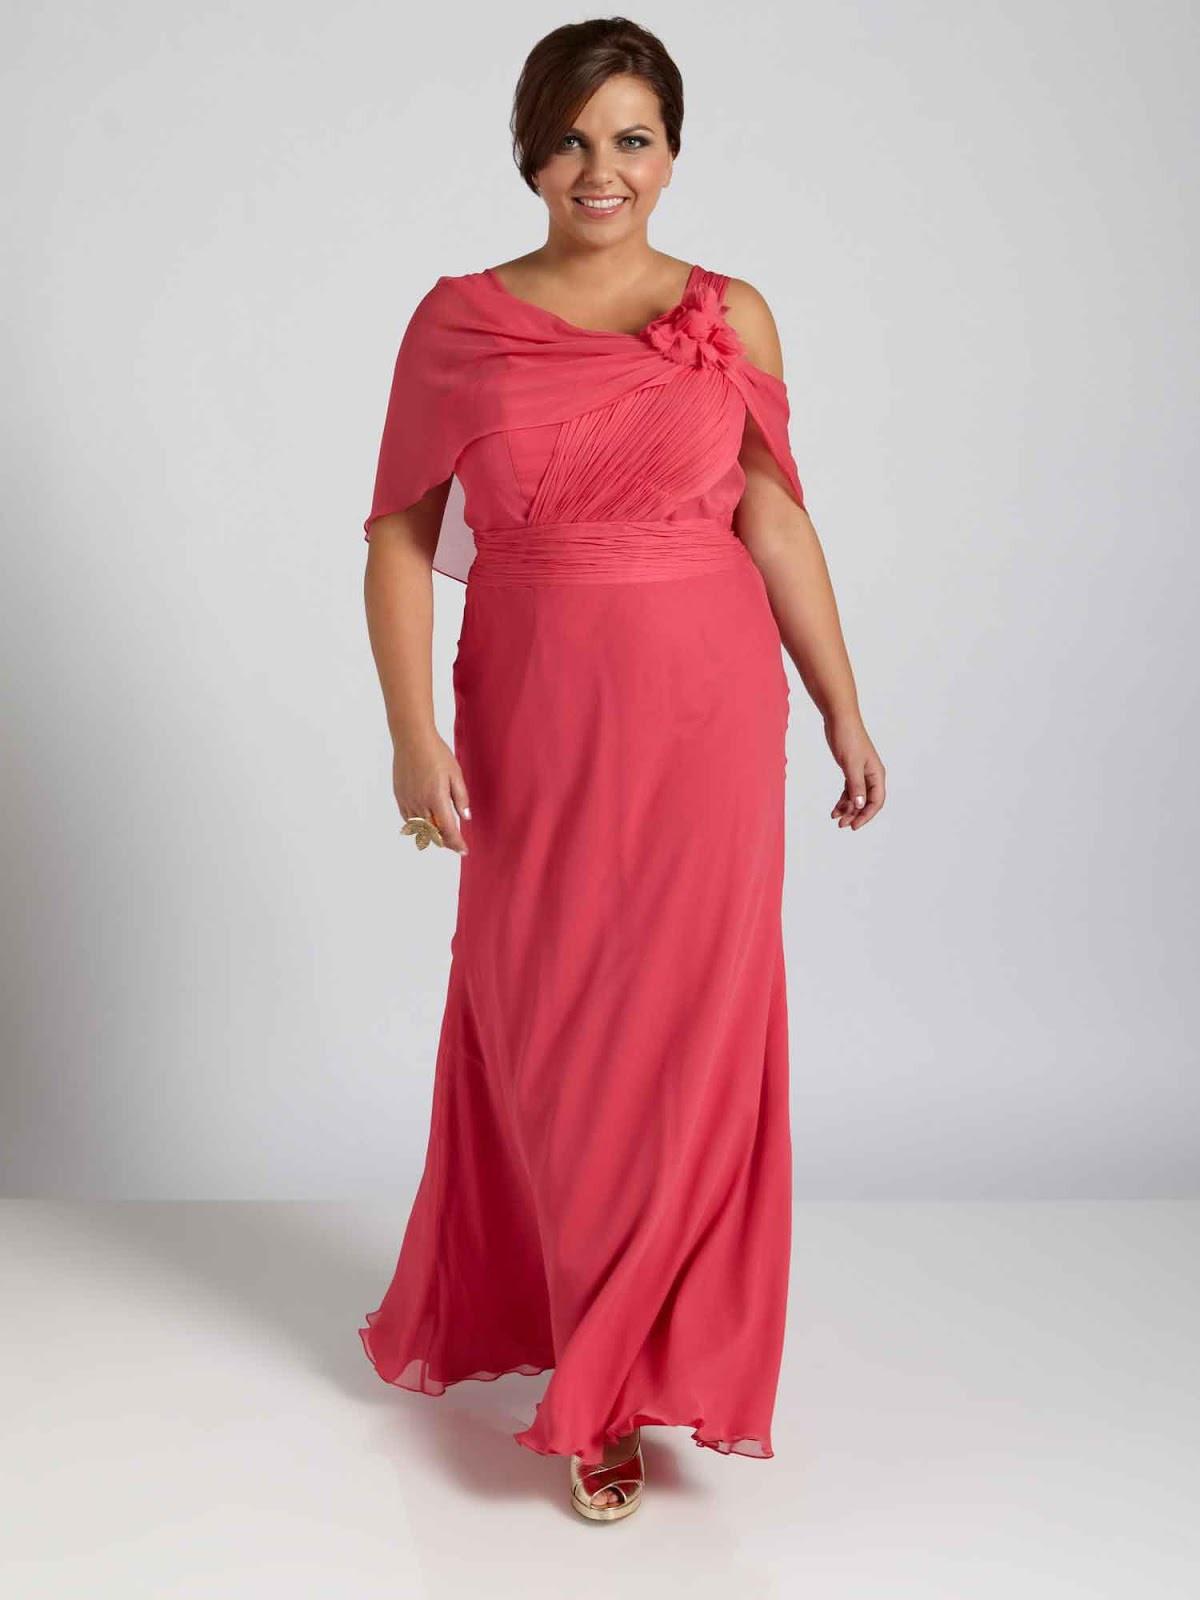 Formal Coolste Frauen Abend Kleider DesignDesigner Genial Frauen Abend Kleider Spezialgebiet